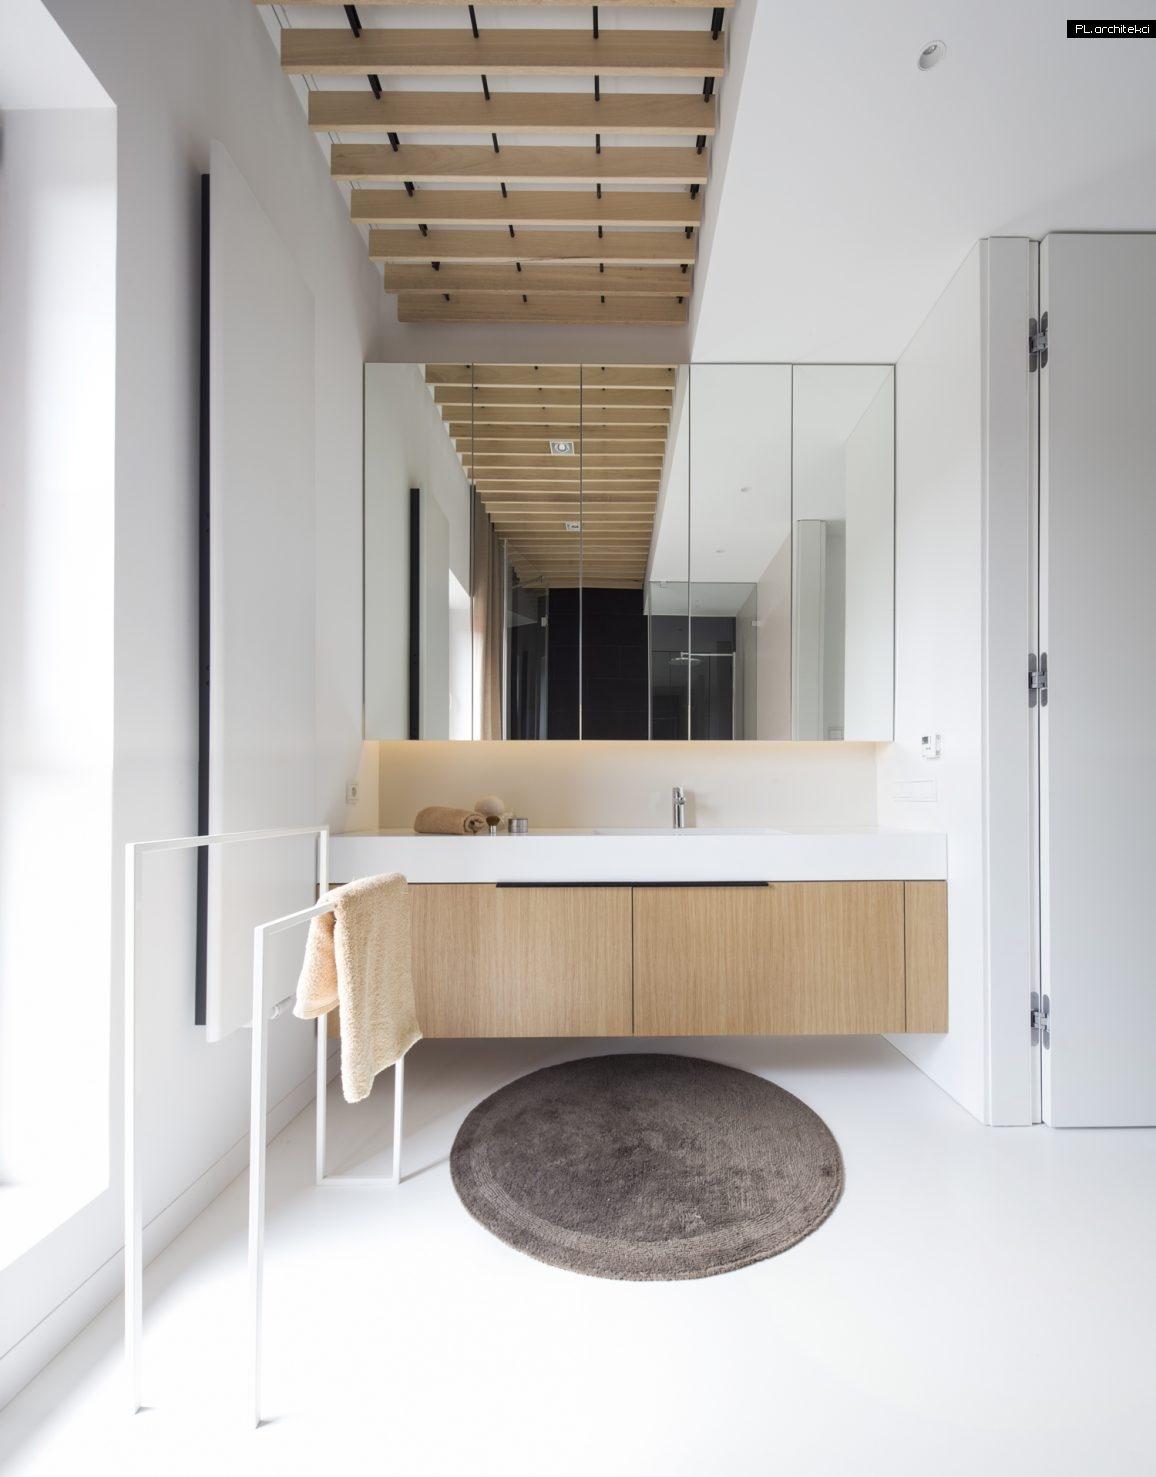 Nowoczesne wnętrze apartamentu: łazienka | Warzelnia, Poznań